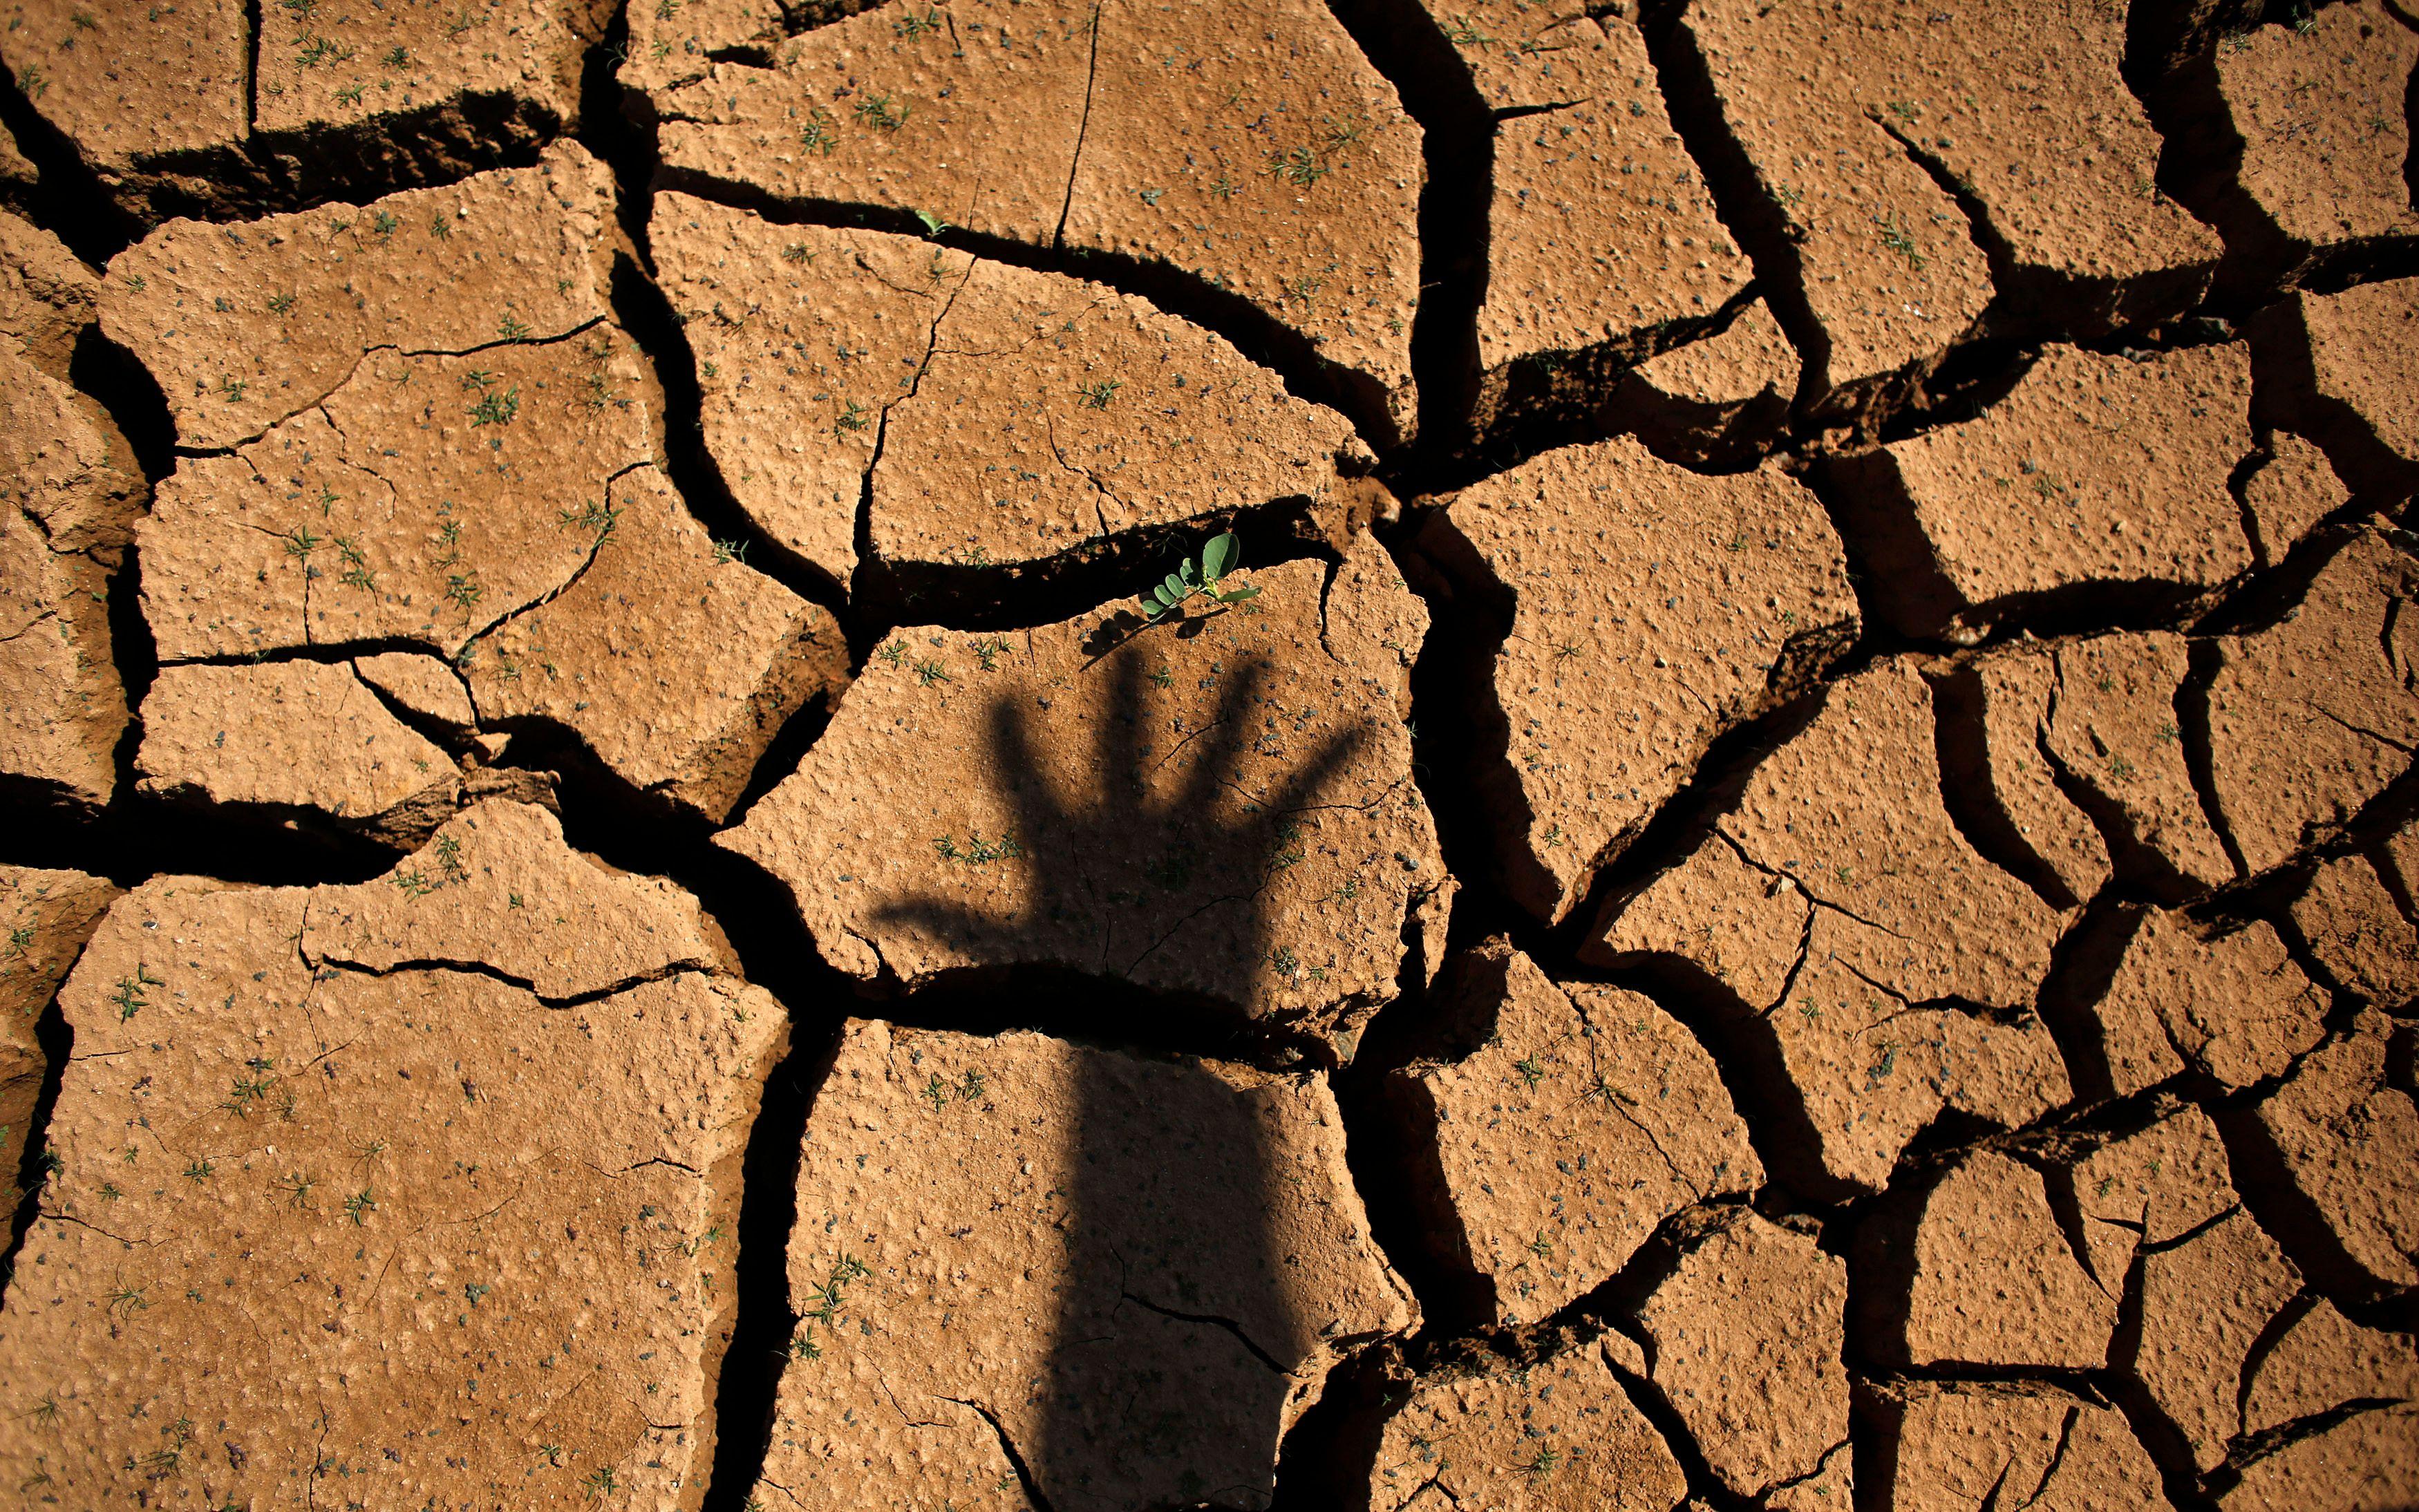 Pénurie mondiale d'eau : pourquoi l'aggravation du phénomène pourrait mener à un conflit généralisé